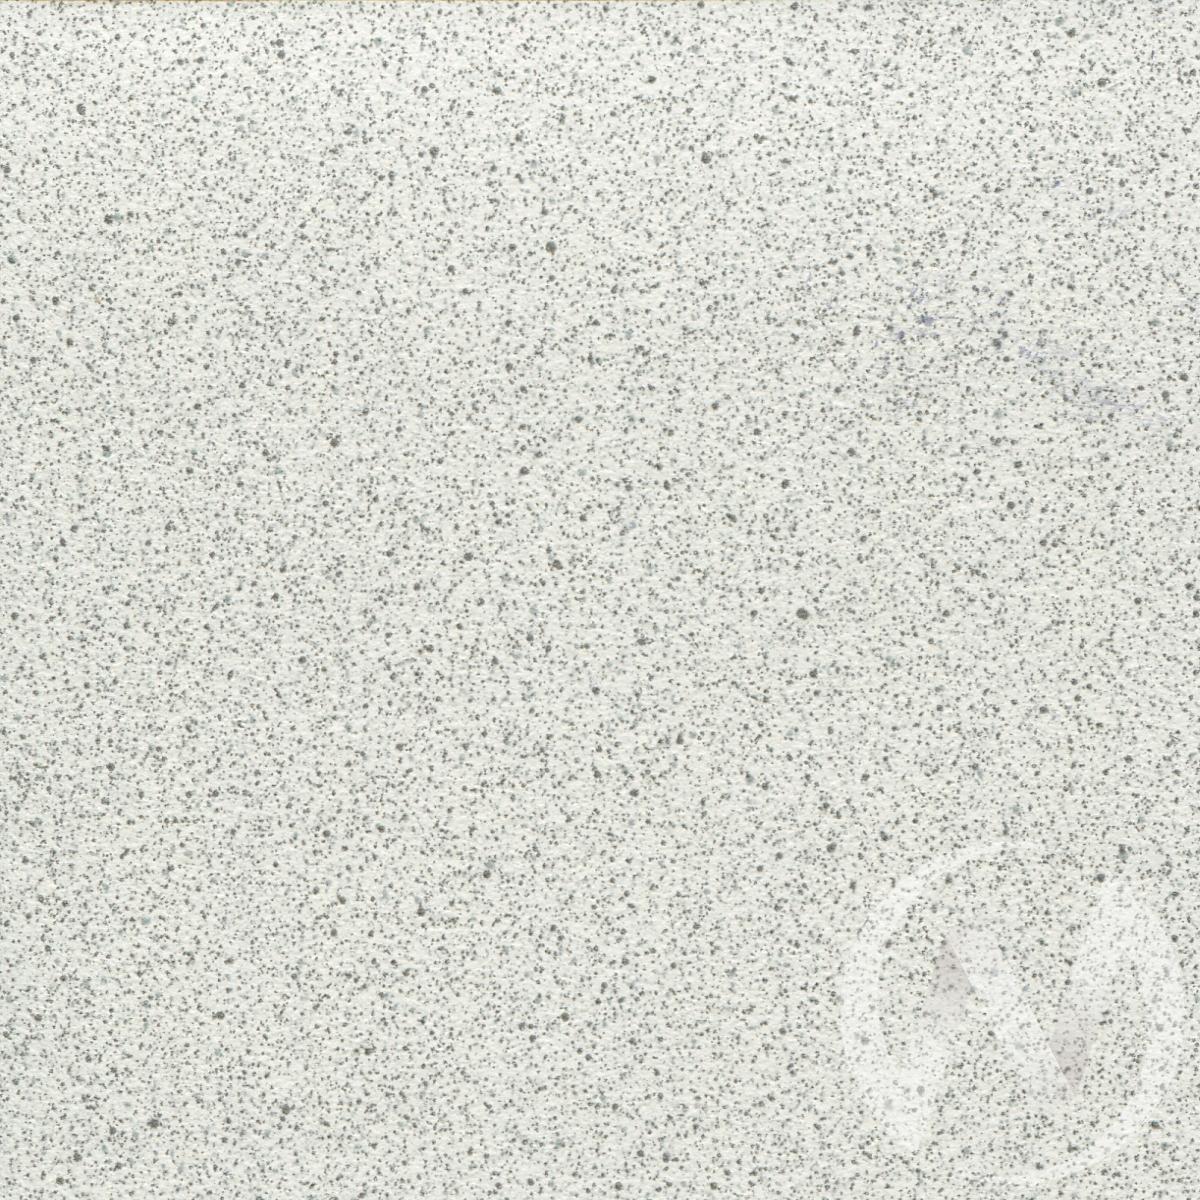 СТ-ПУ 300 R Столешница 300*600*26 (№130 сахара белая) СКИФ недорого в Томске — интернет-магазин авторской мебели Экостиль